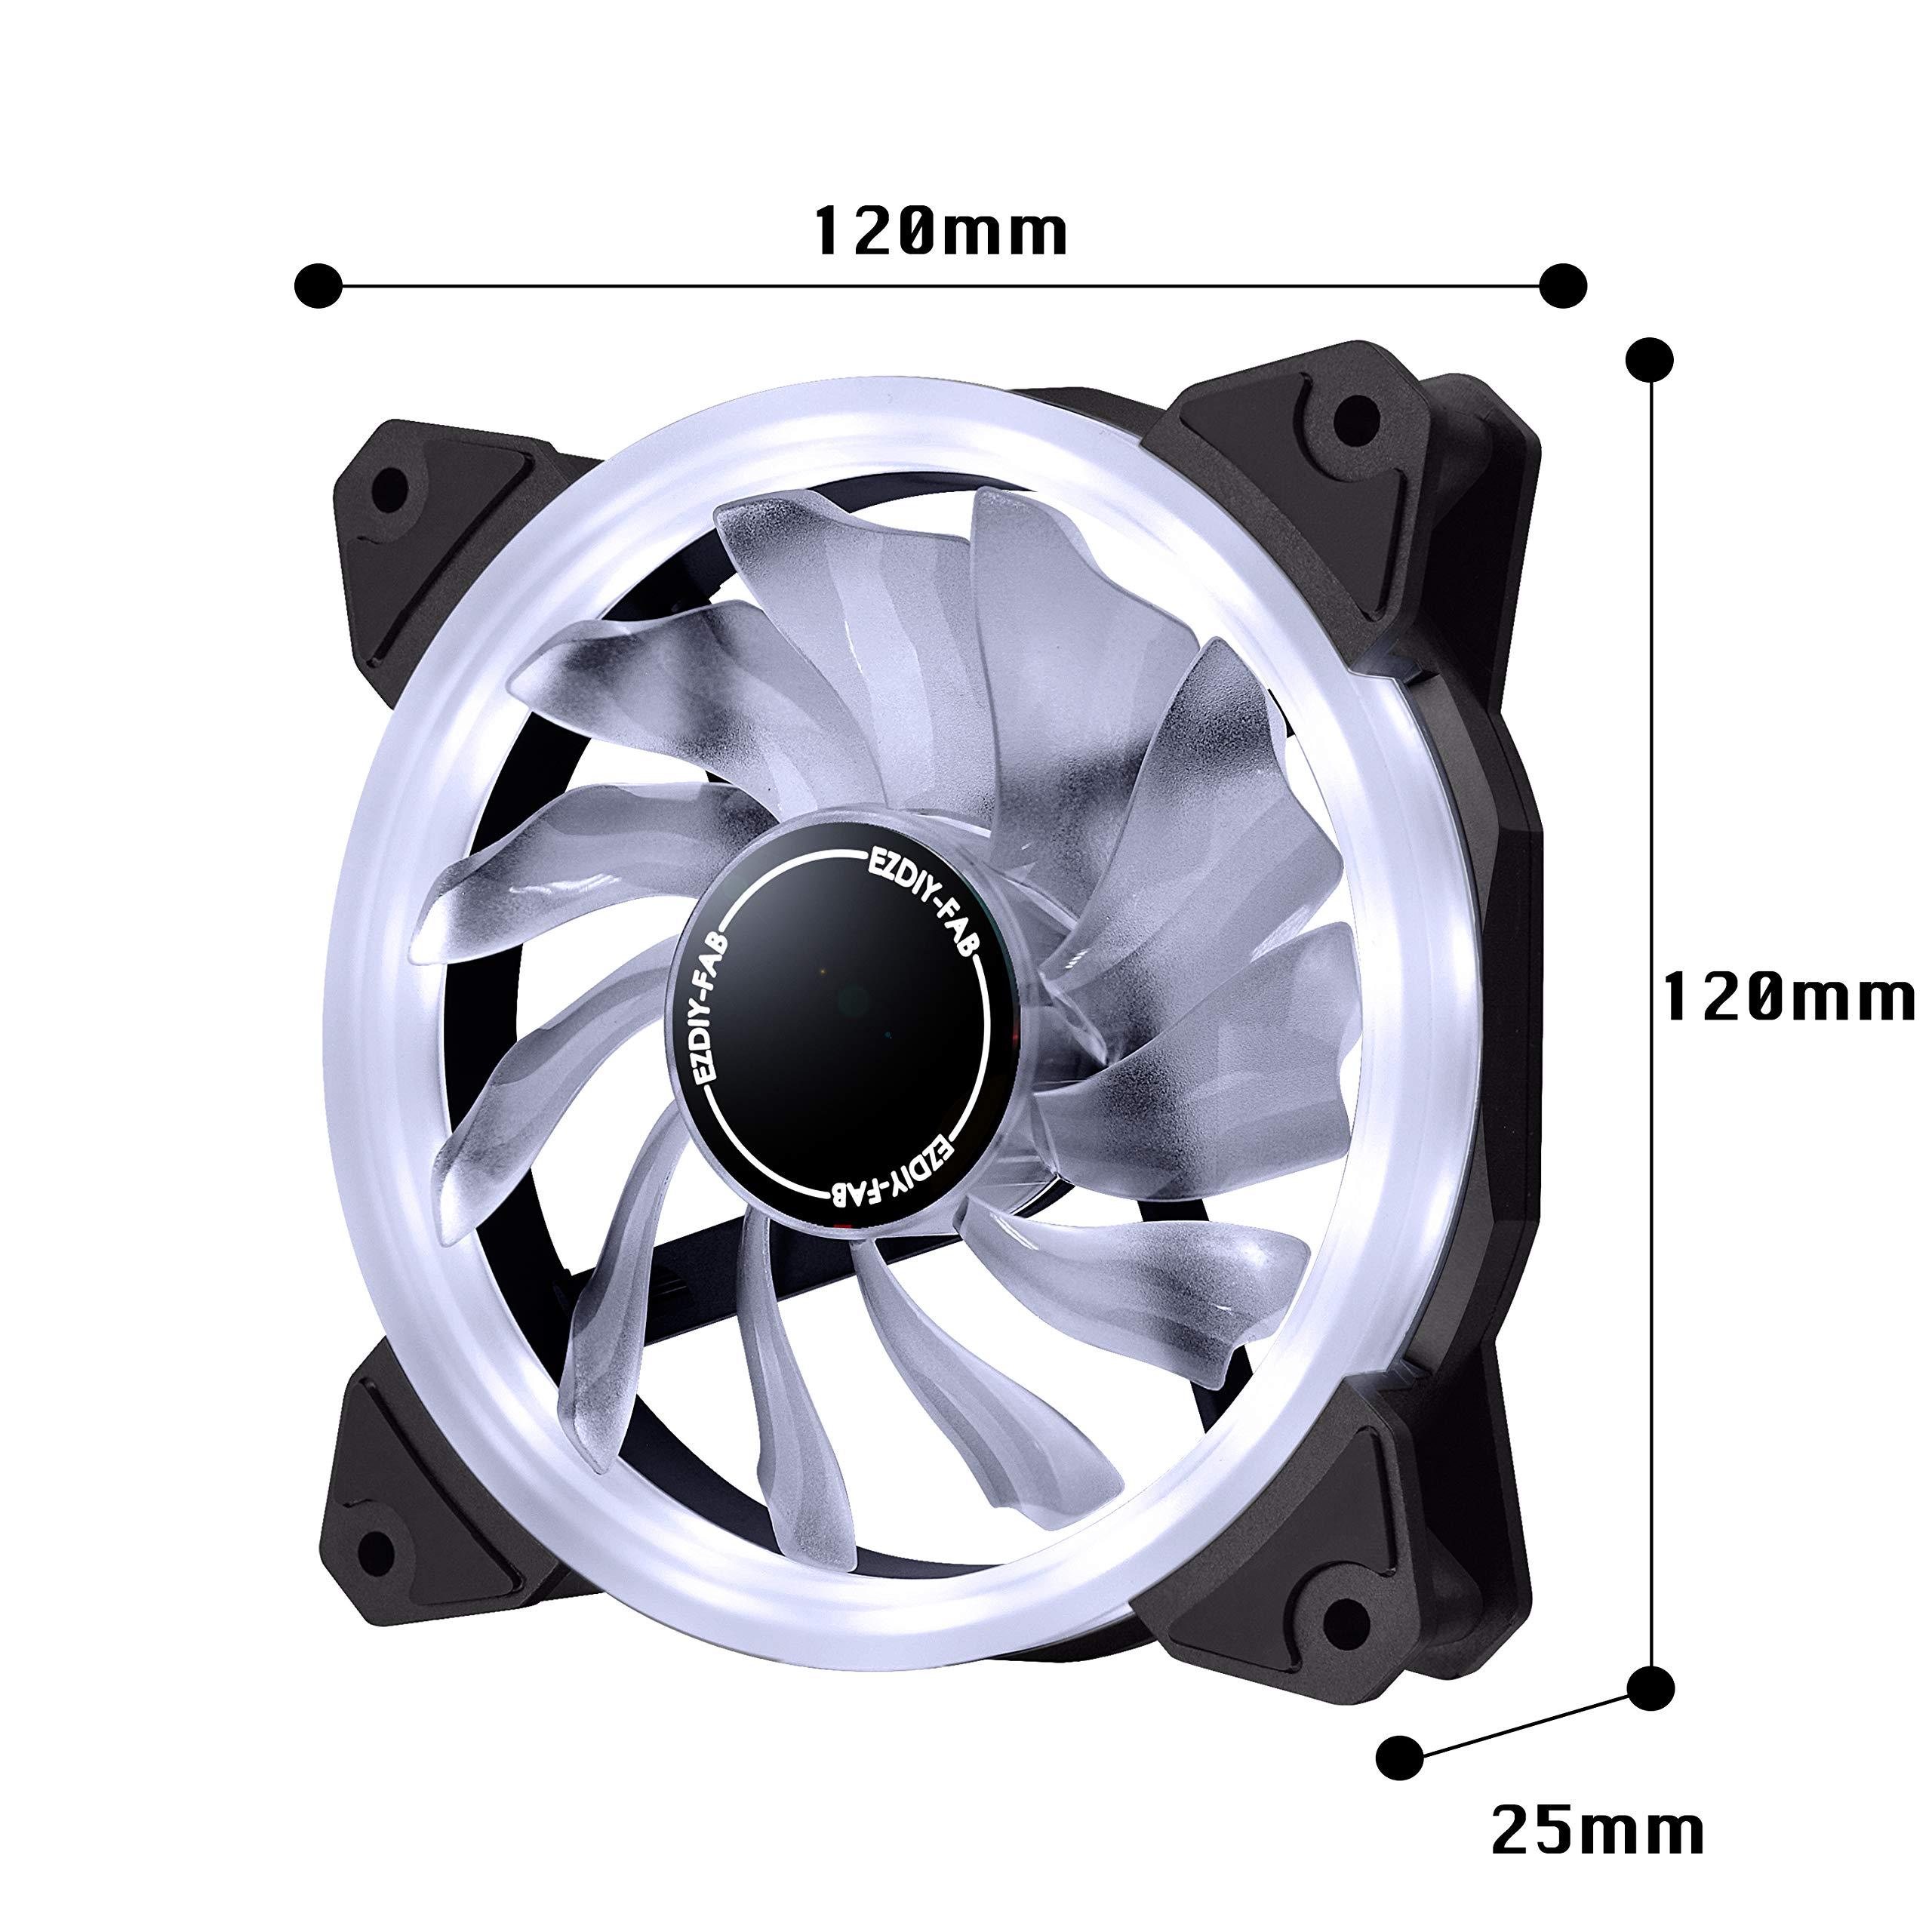 EZDIY-FAB Ventilador de Anillo LED de 120mm,Ventilador de Caja LED ...